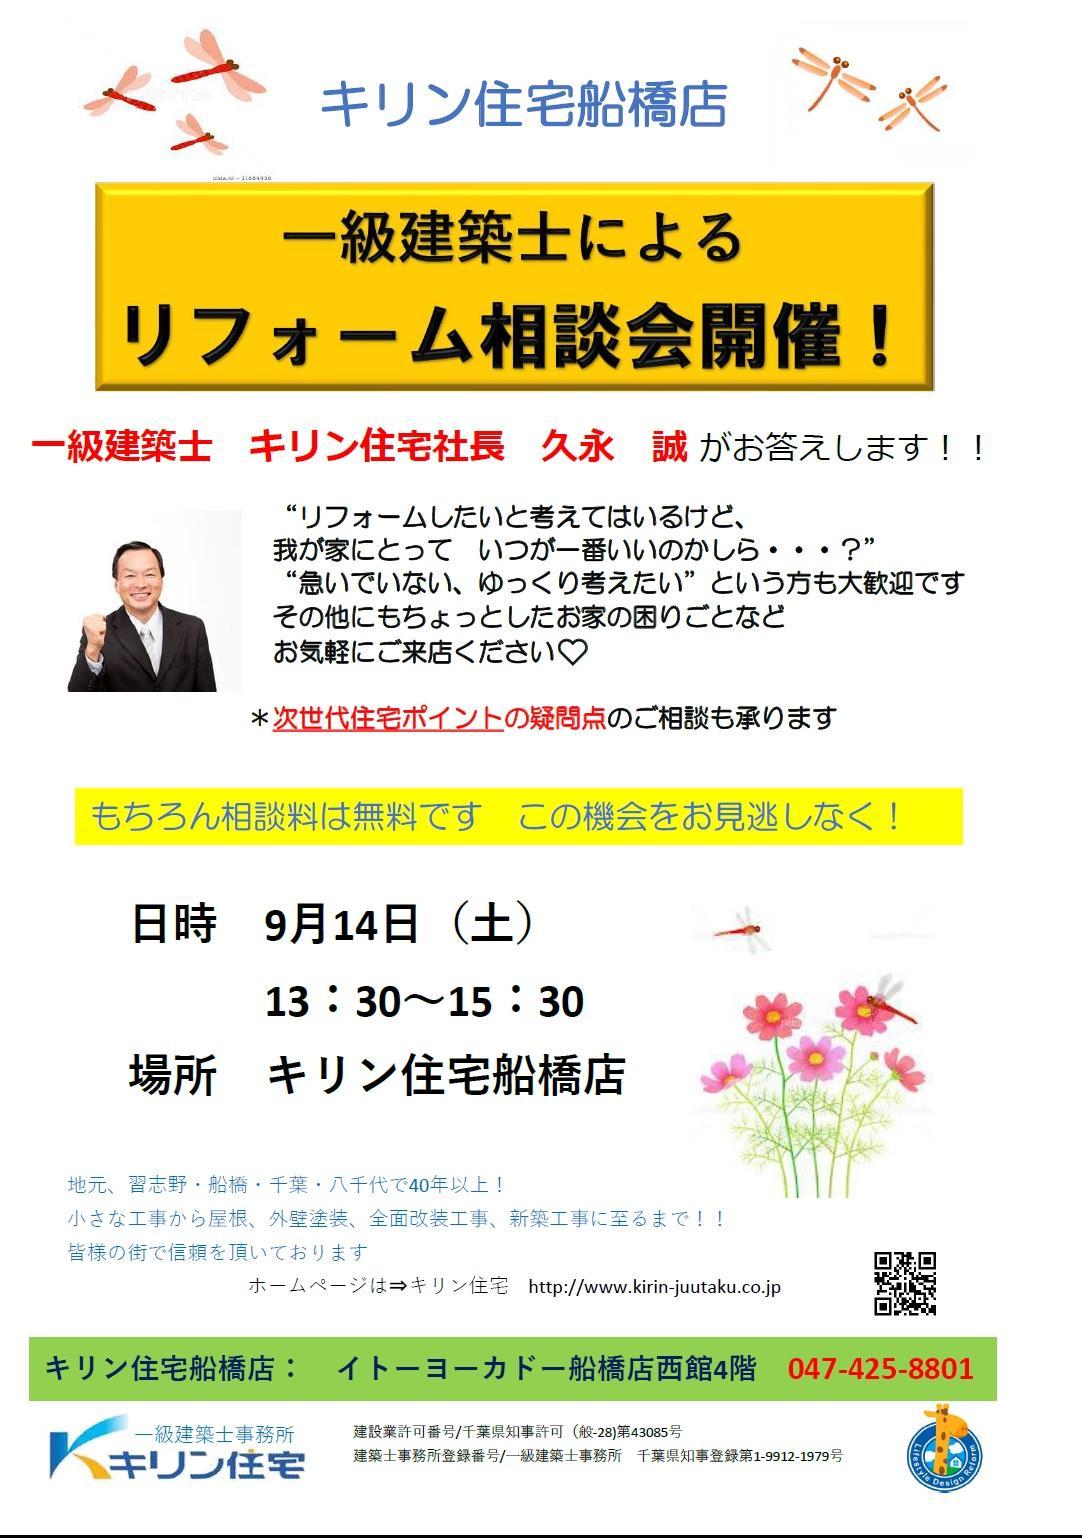 船橋店 一級建築士によるリフォーム無料相談会(9/14)